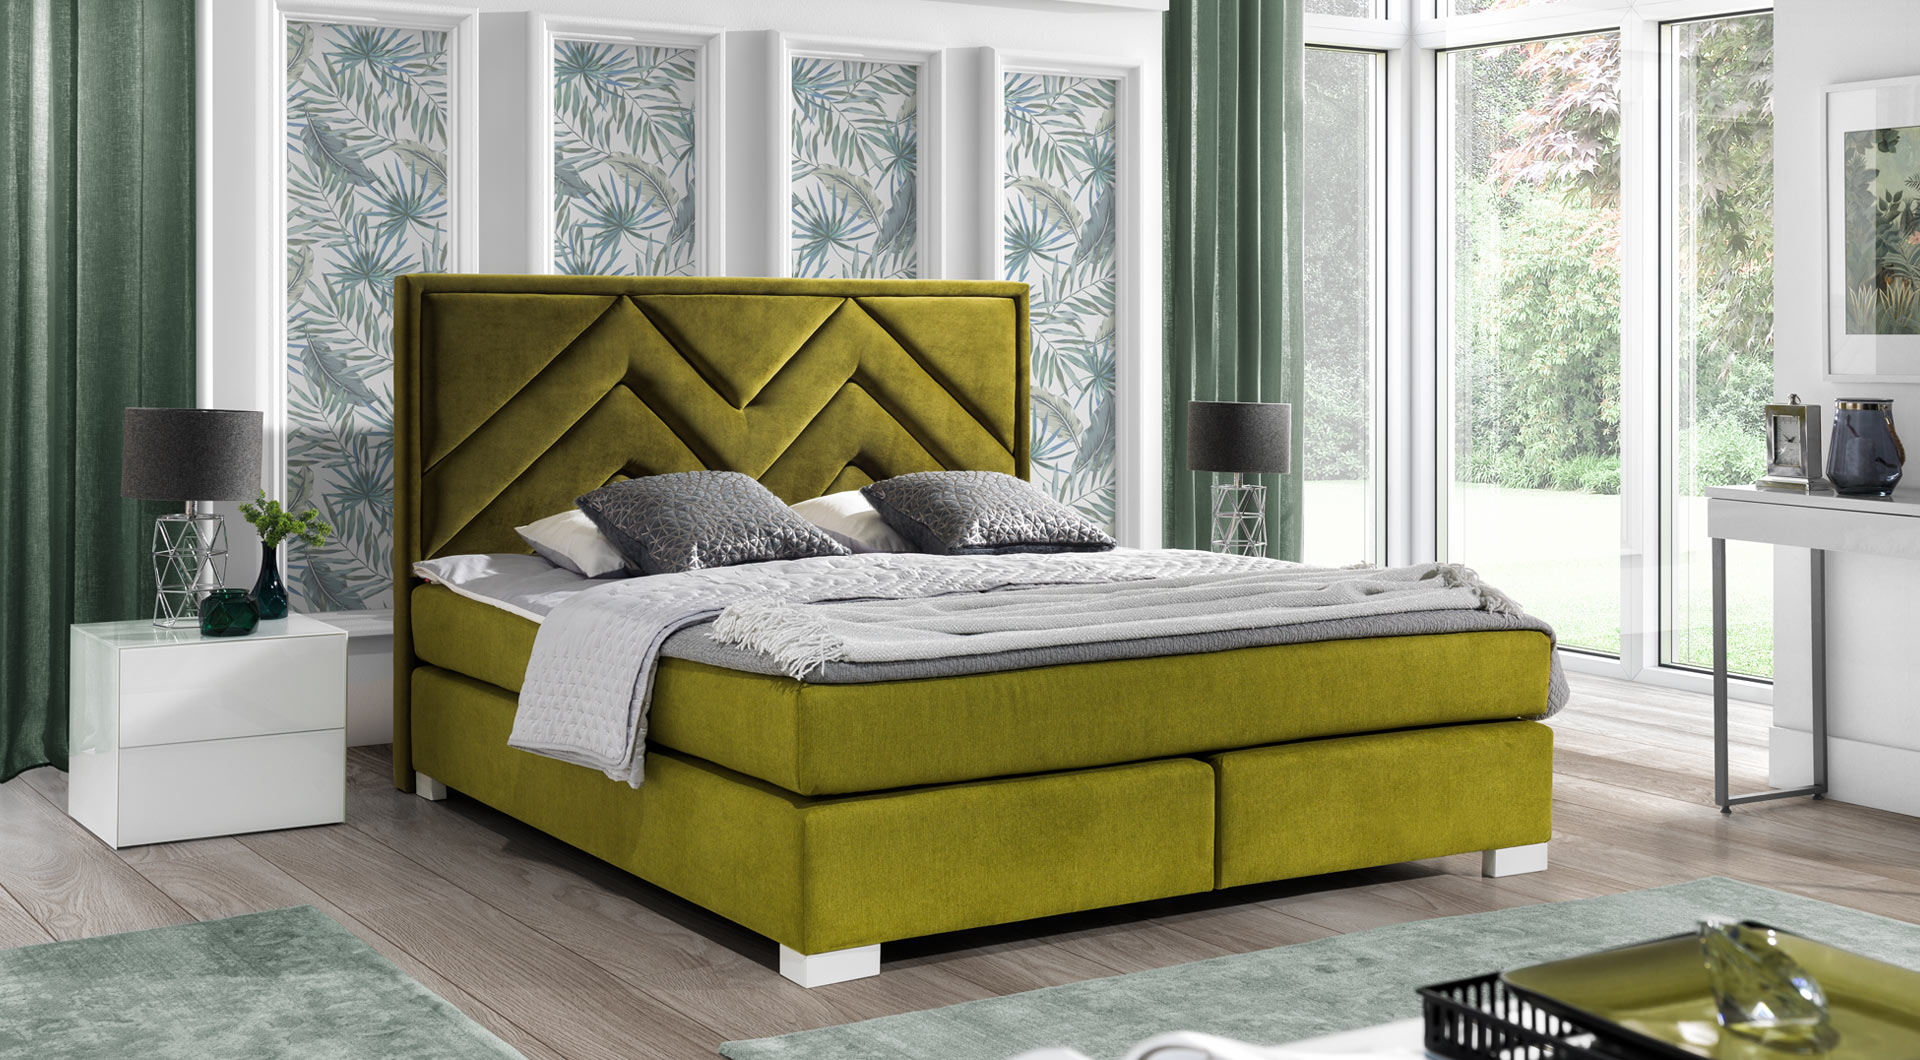 łóżko Kontynentalne 403 New Elegance Galeria Wnętrz Domar